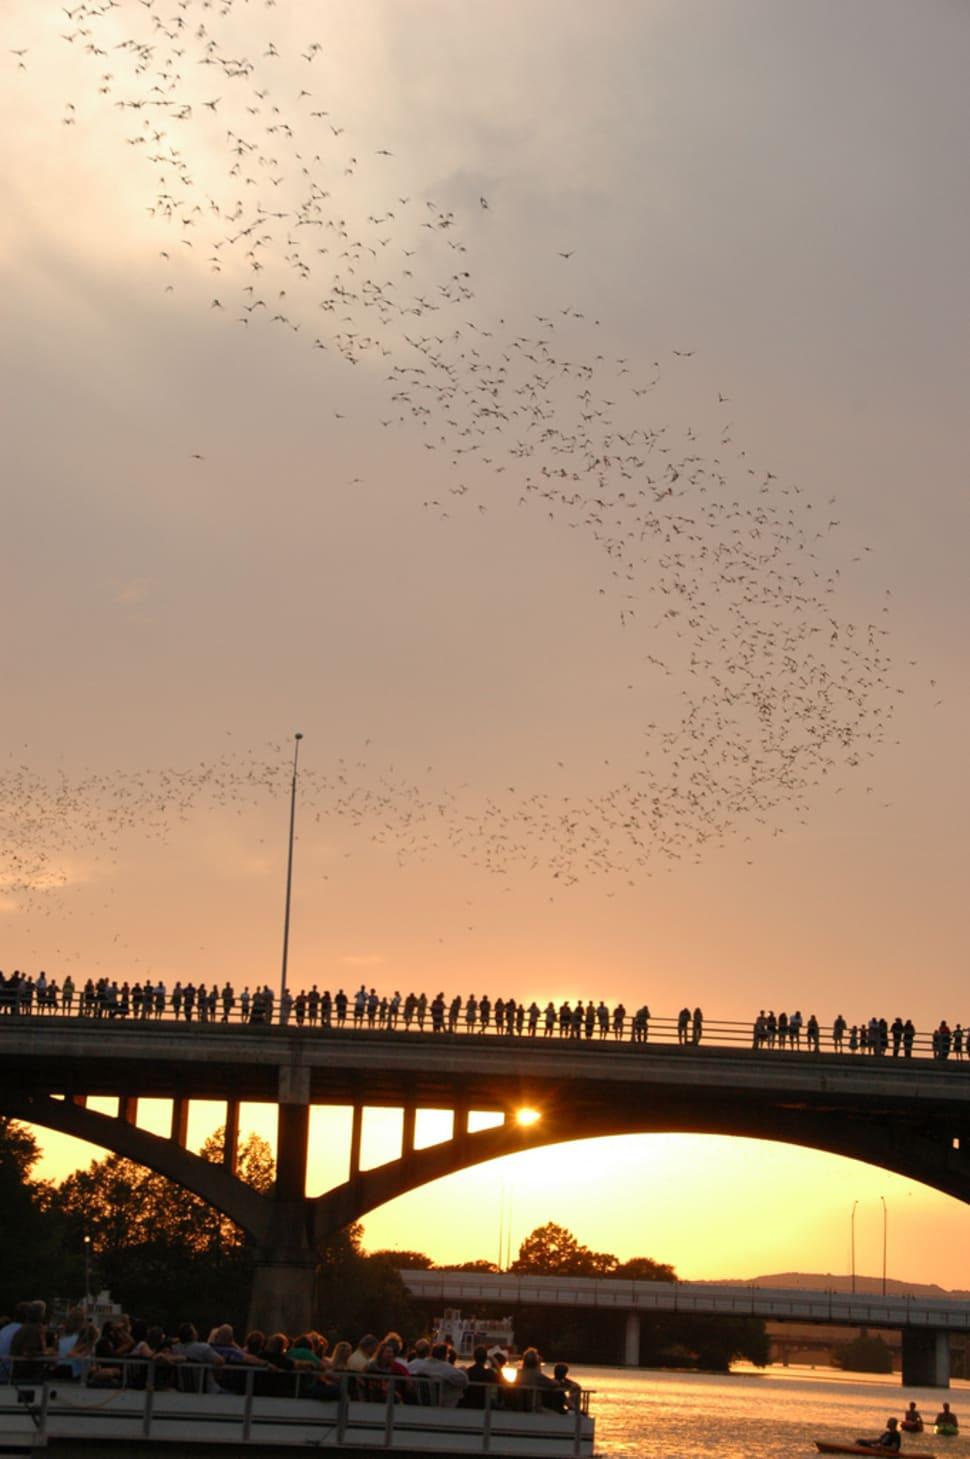 Bats leaving the Congress St. Bridge, Austin